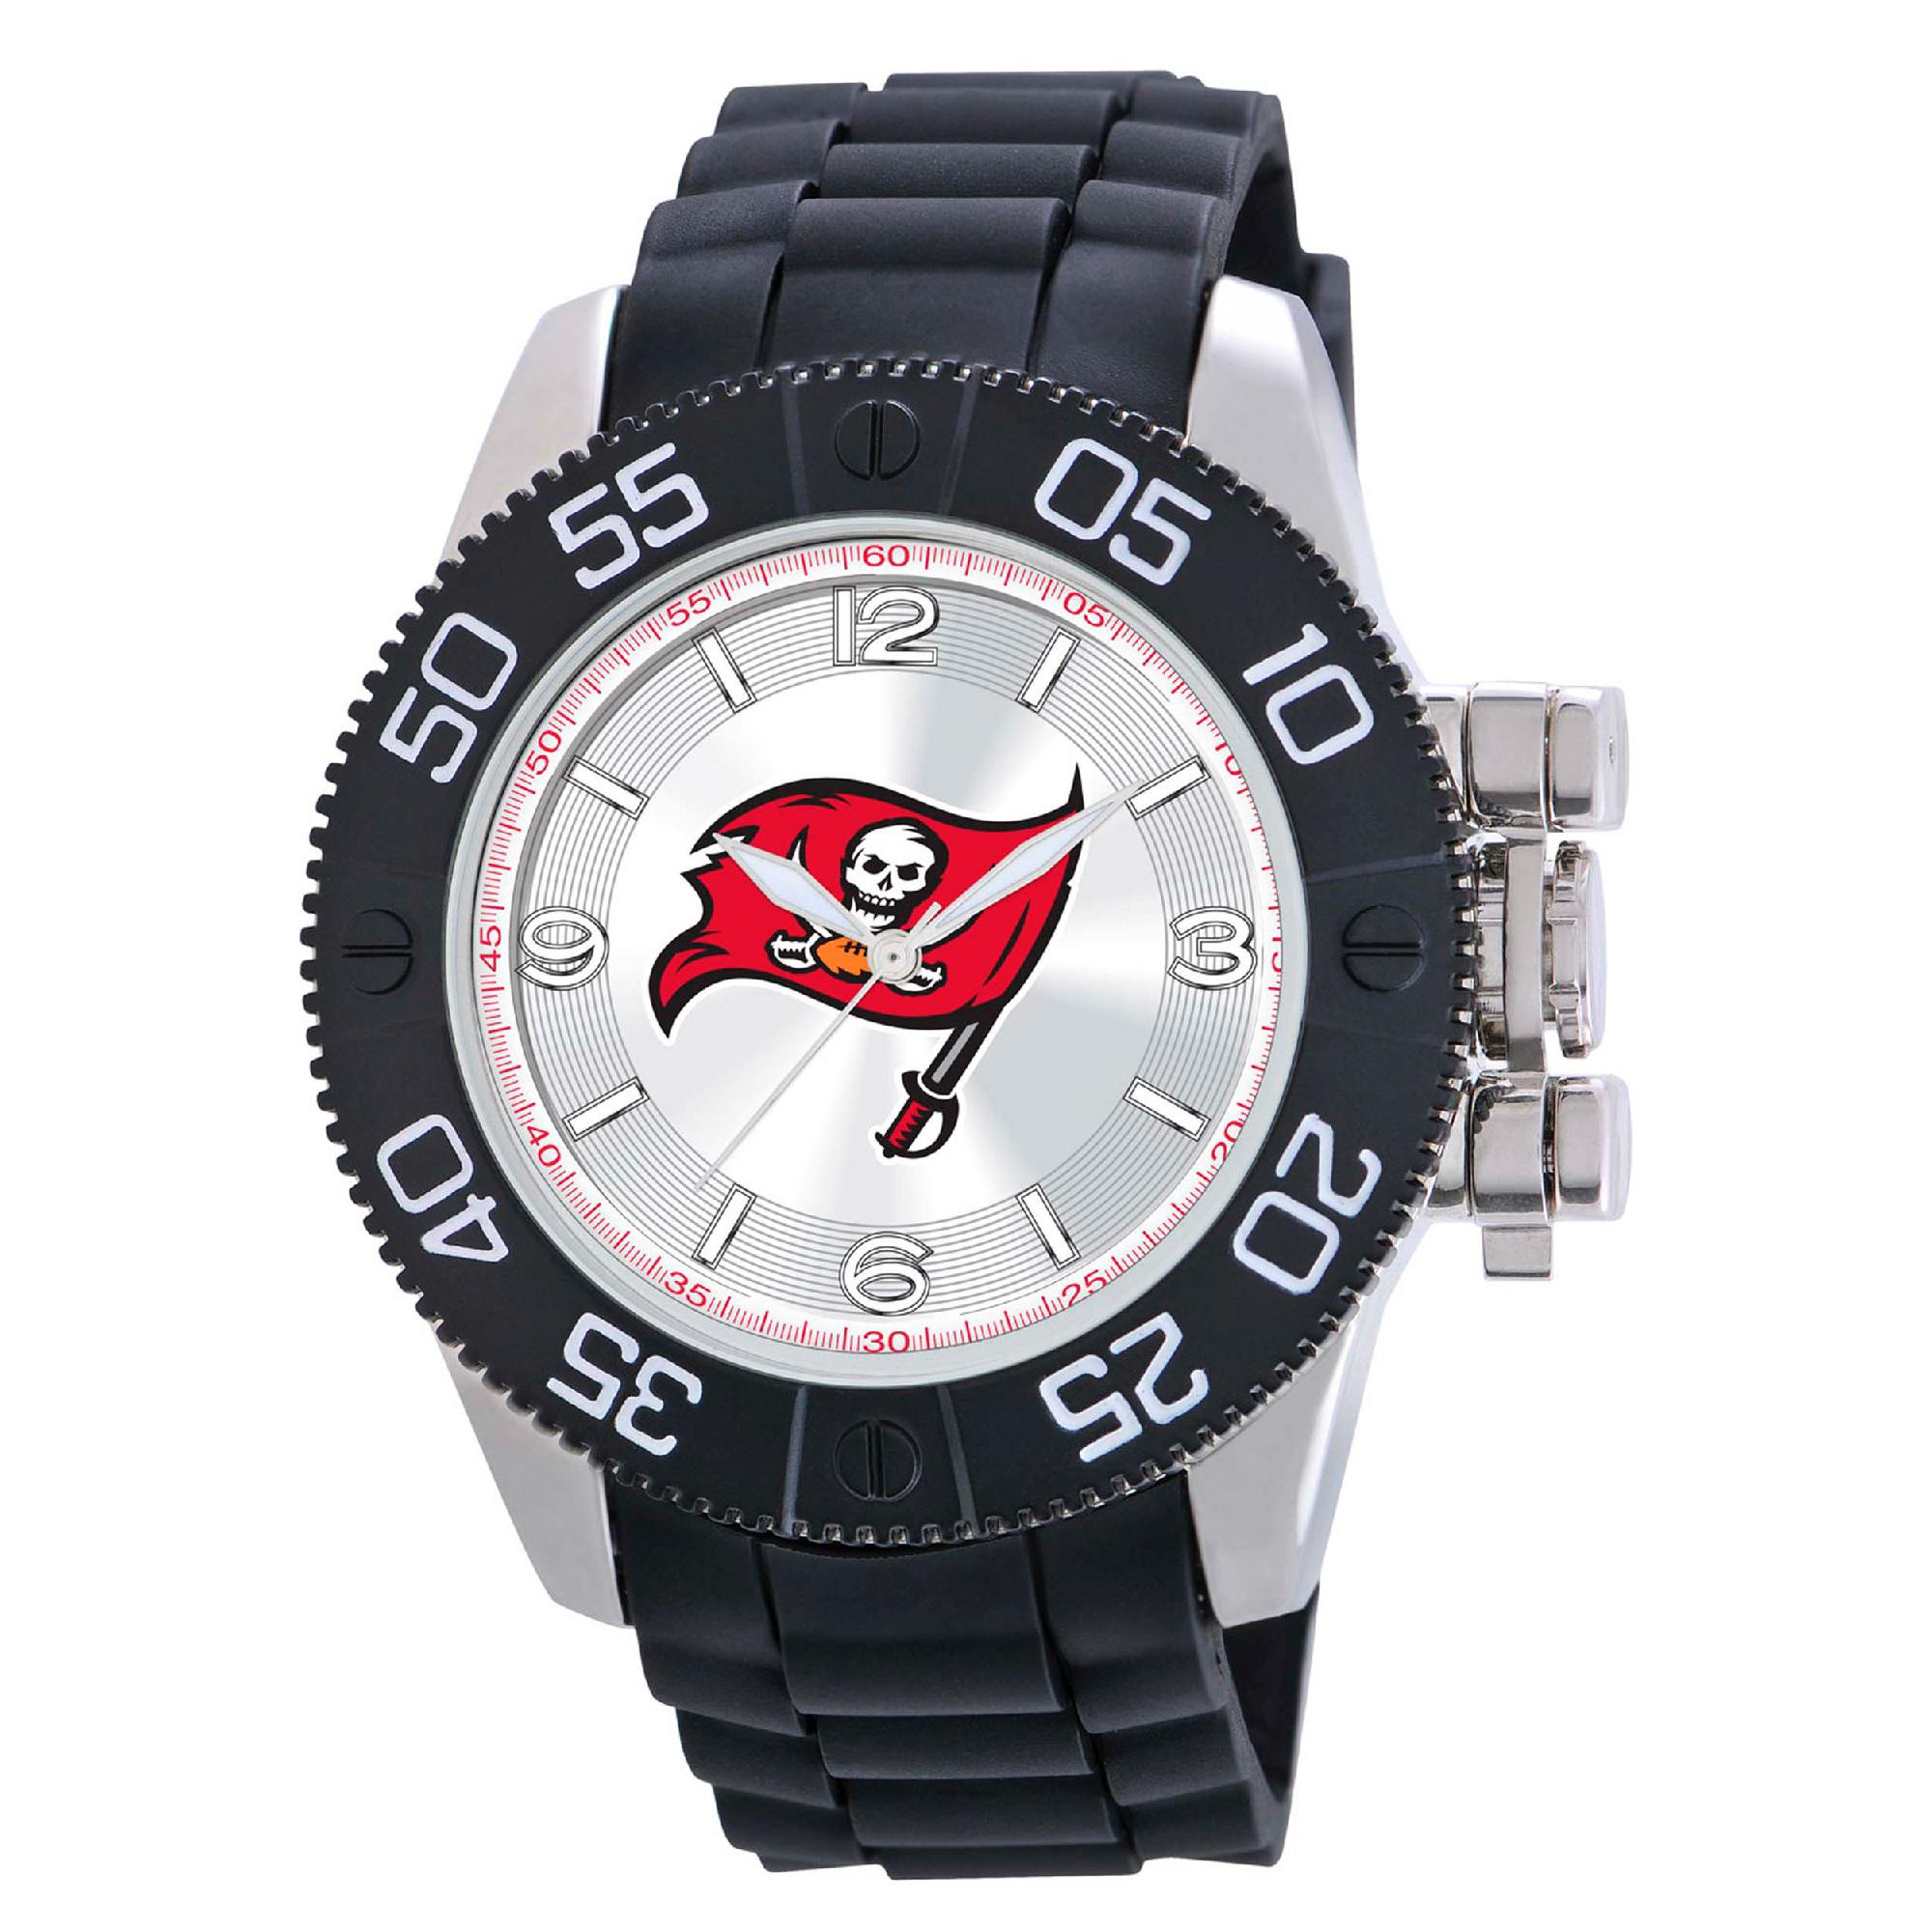 Game Time Tampa Bay Buccaneers NFL Men's Beast Series Watch PartNumber: 080V005656143001P KsnValue: 5656143 MfgPartNumber: 178281